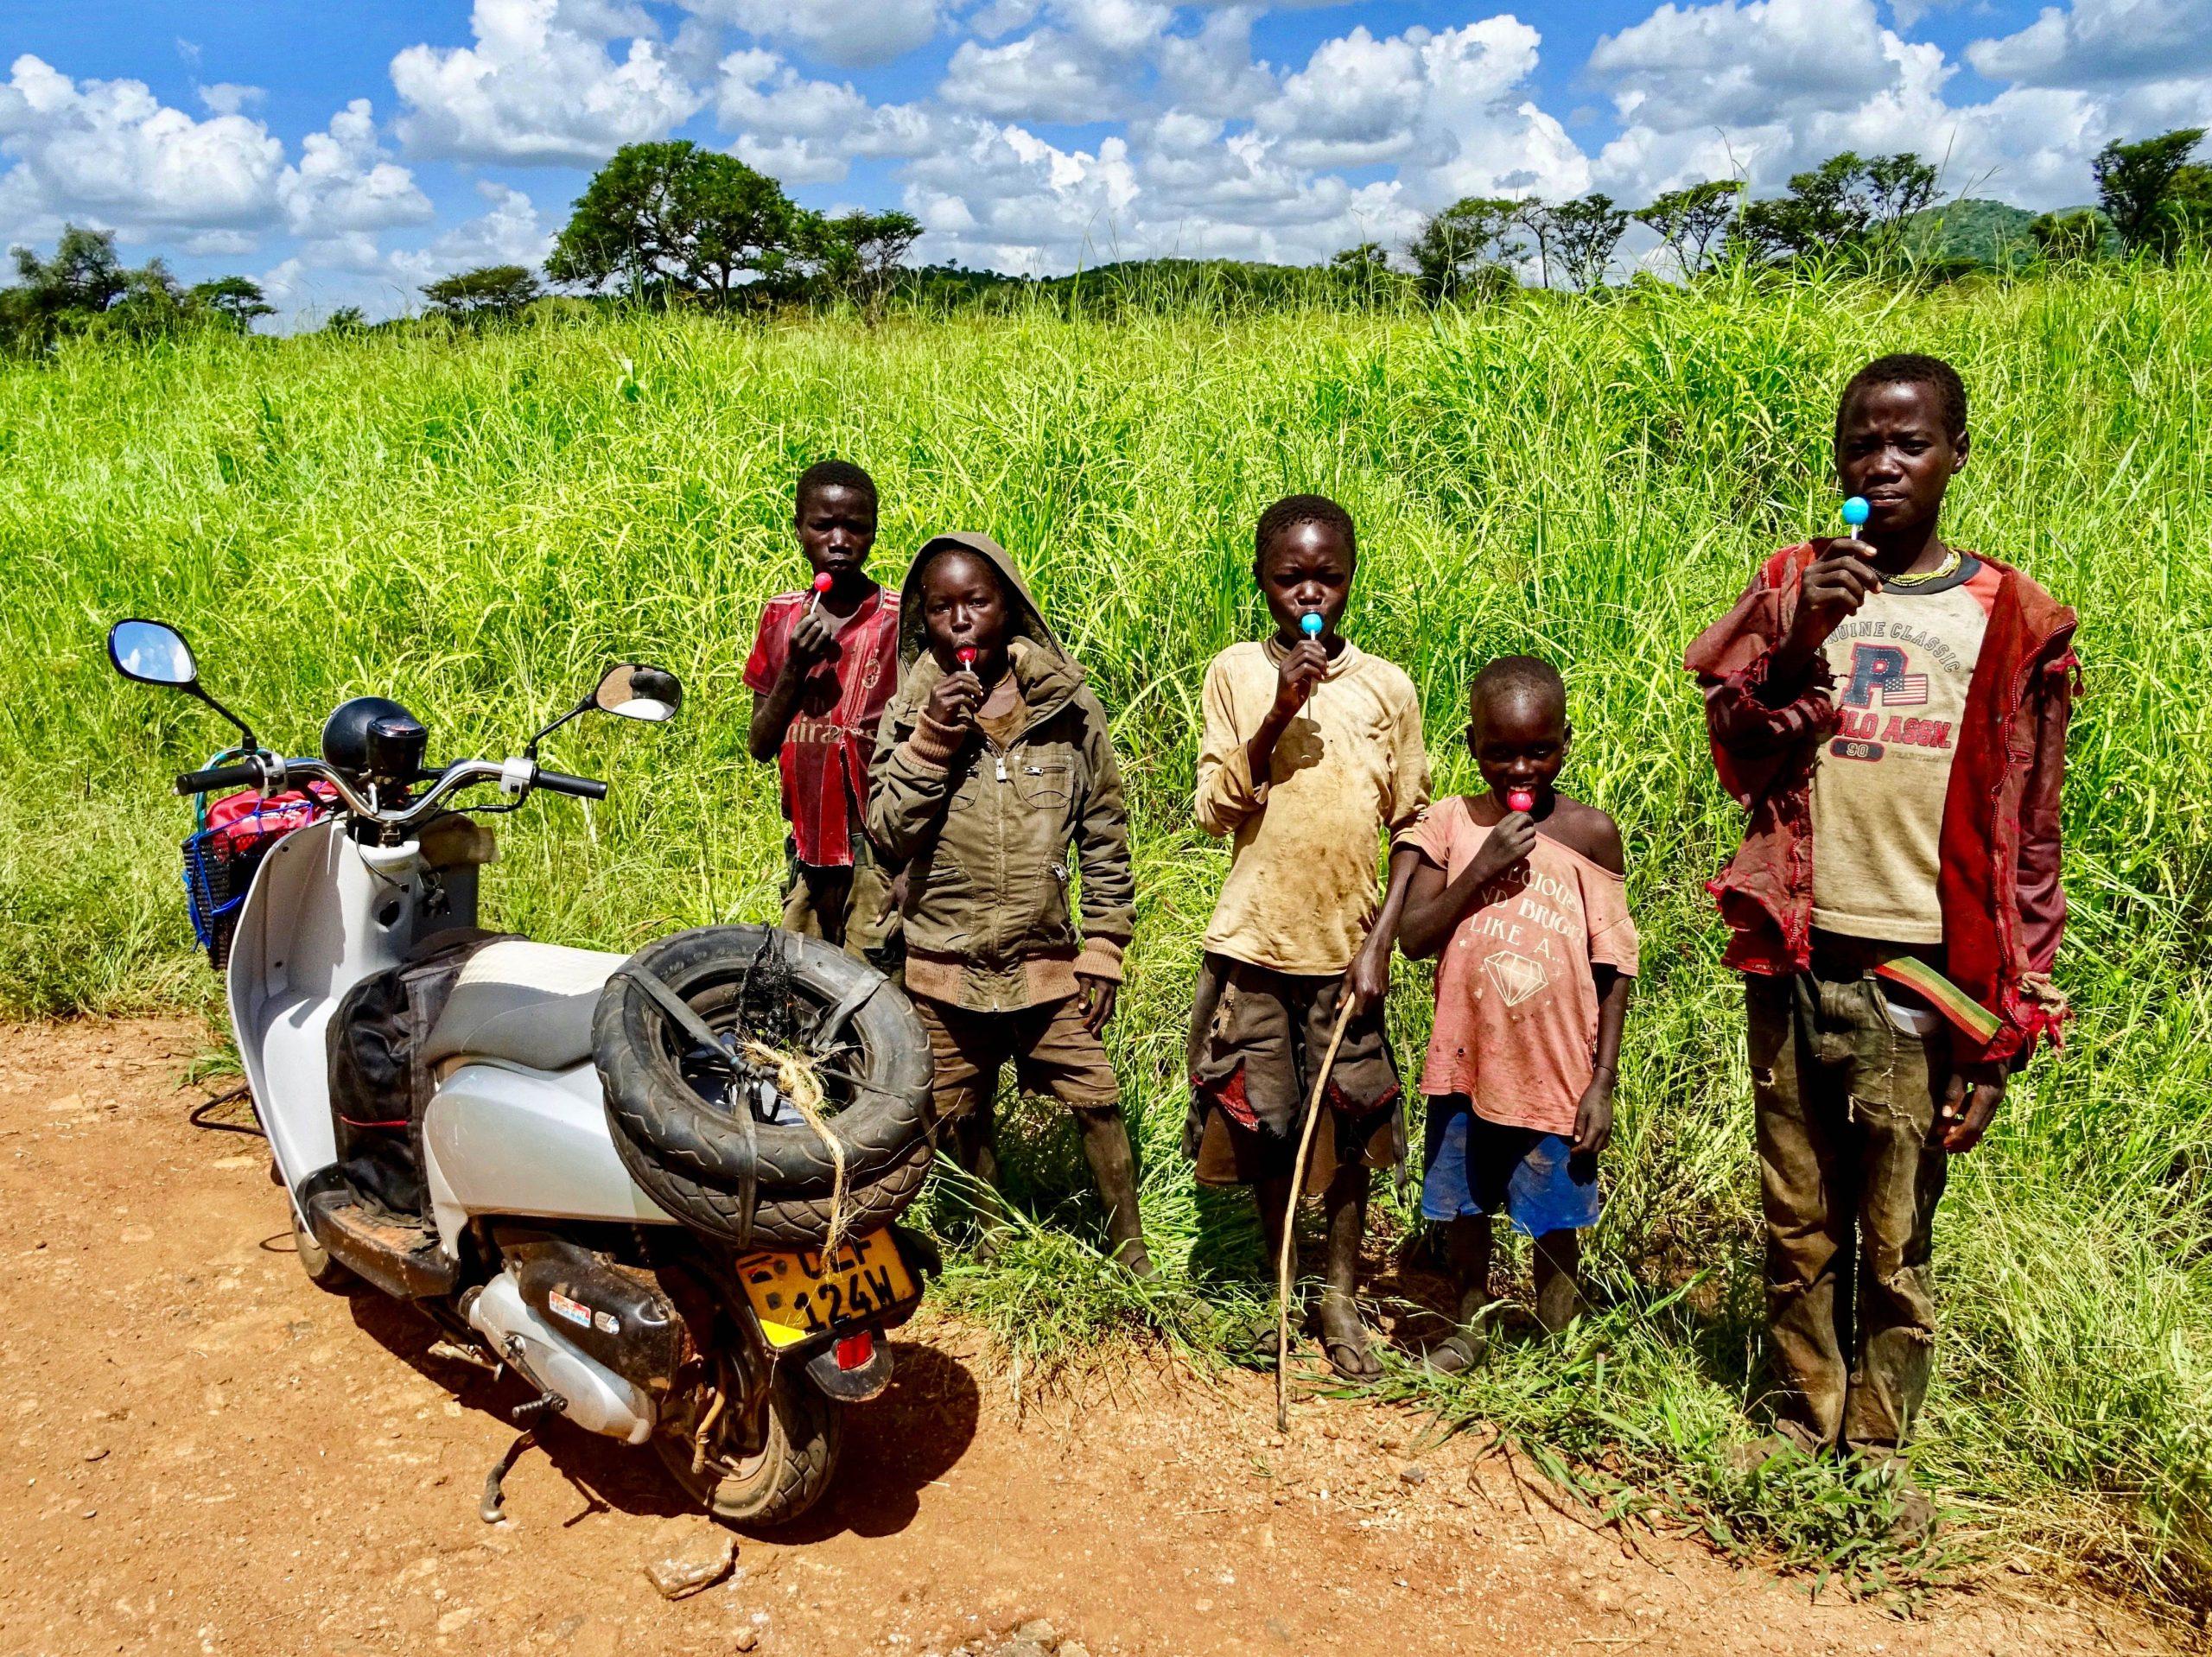 Een tomtom traktatie van een mzungu op een maffe scooter